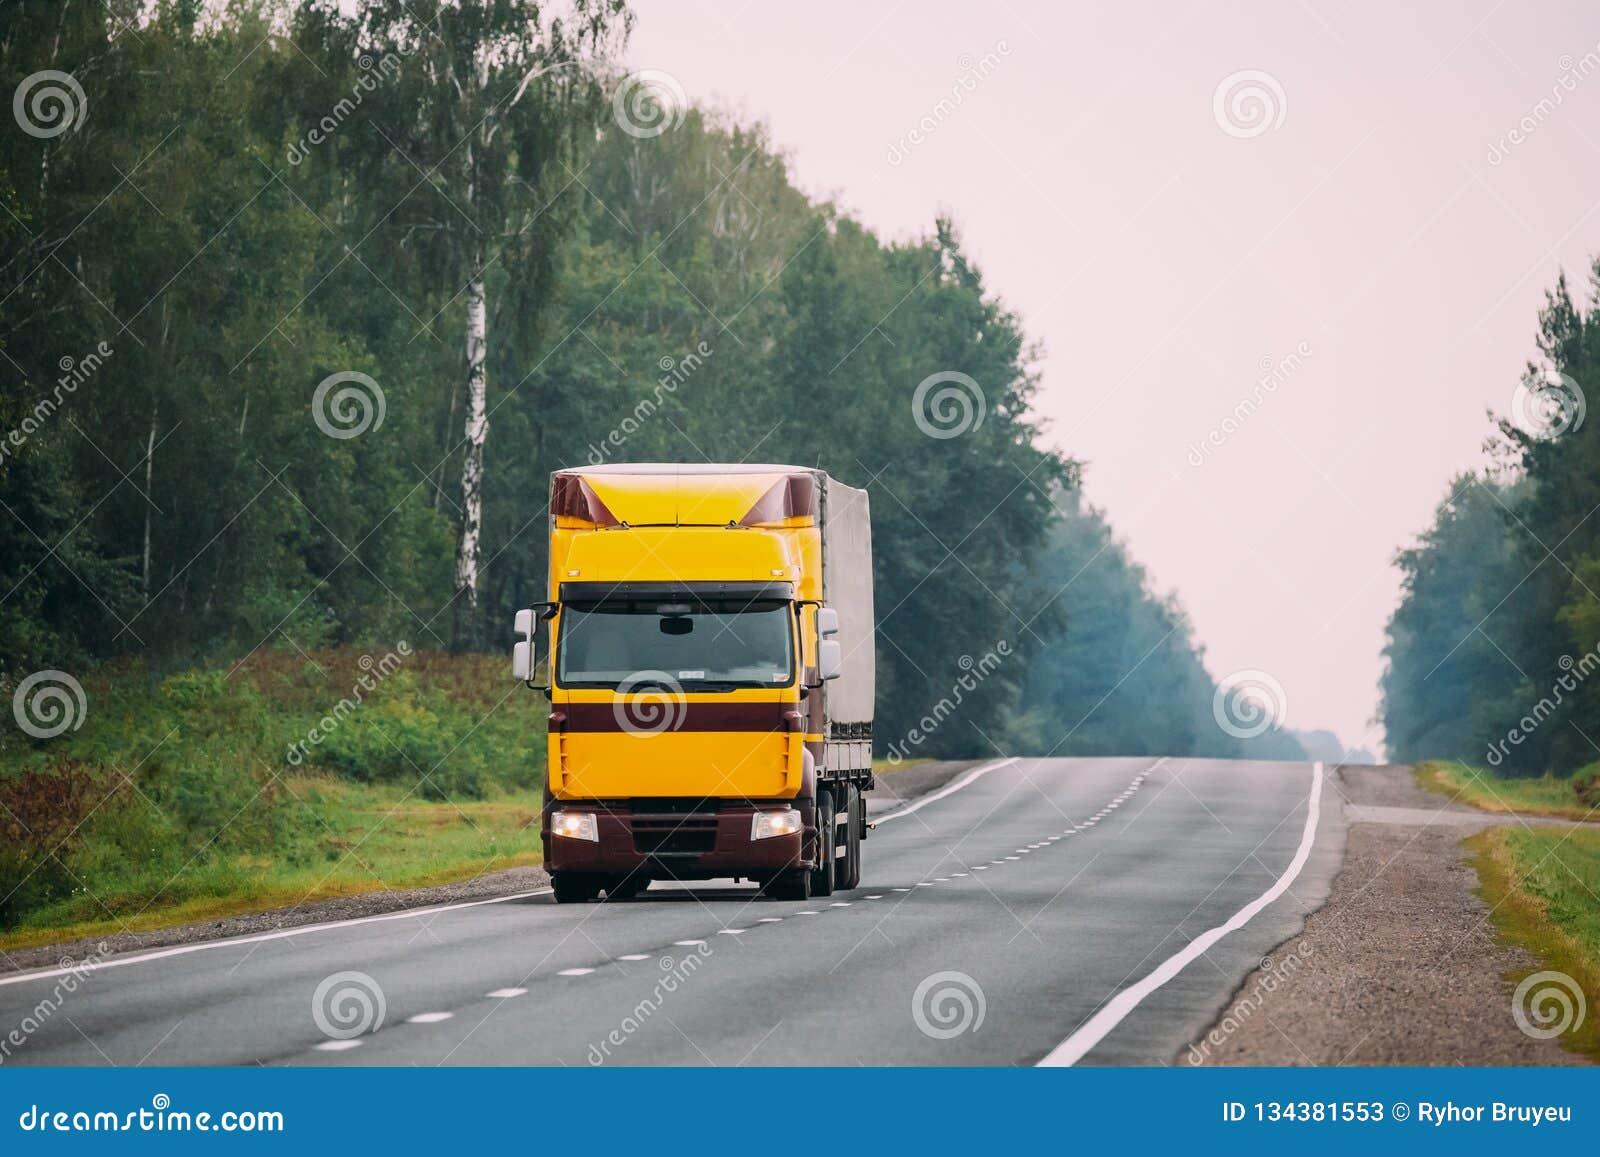 LKW-oder Traktor-Einheit, Primärantrieb, Triebfahrzeug in der Bewegung auf R